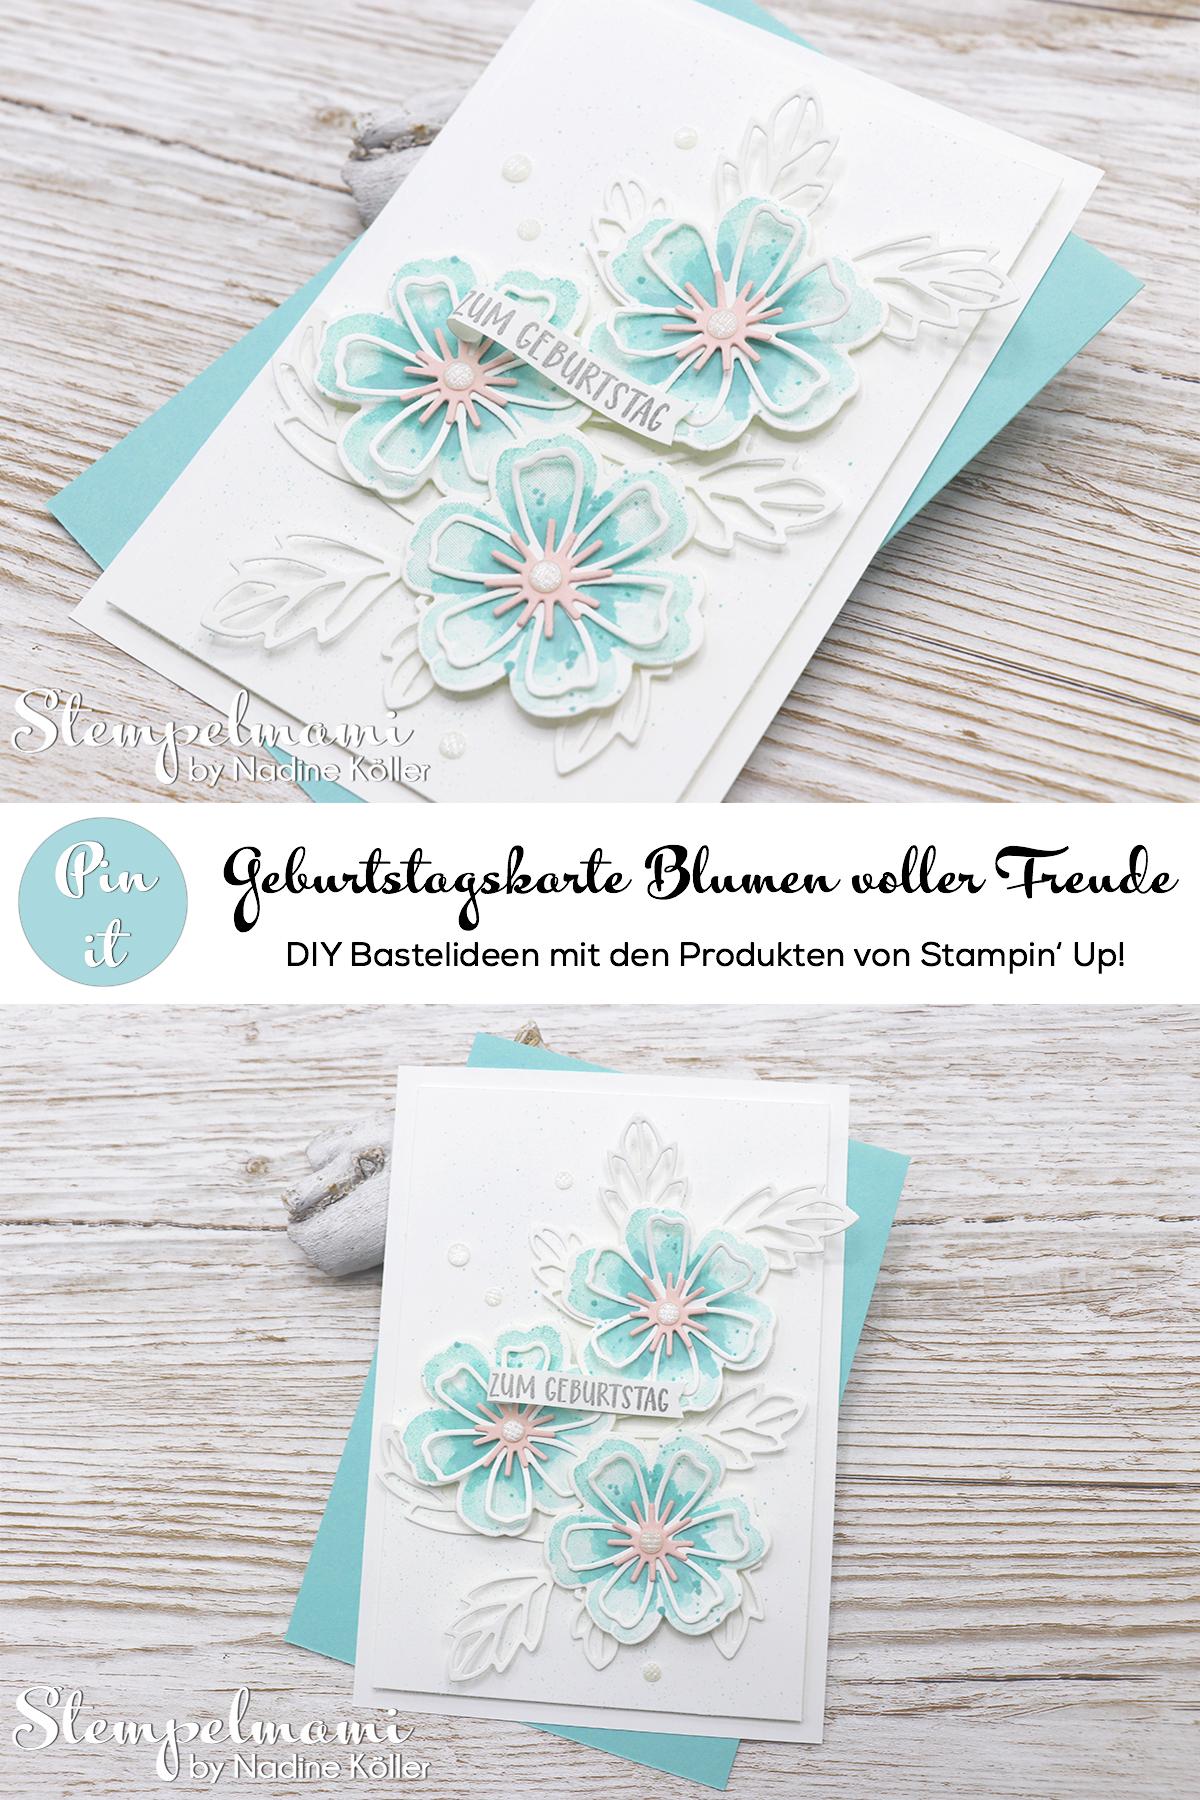 Stampin Up Geburtstagskarte Blumen voller Freude Stempelmami 4